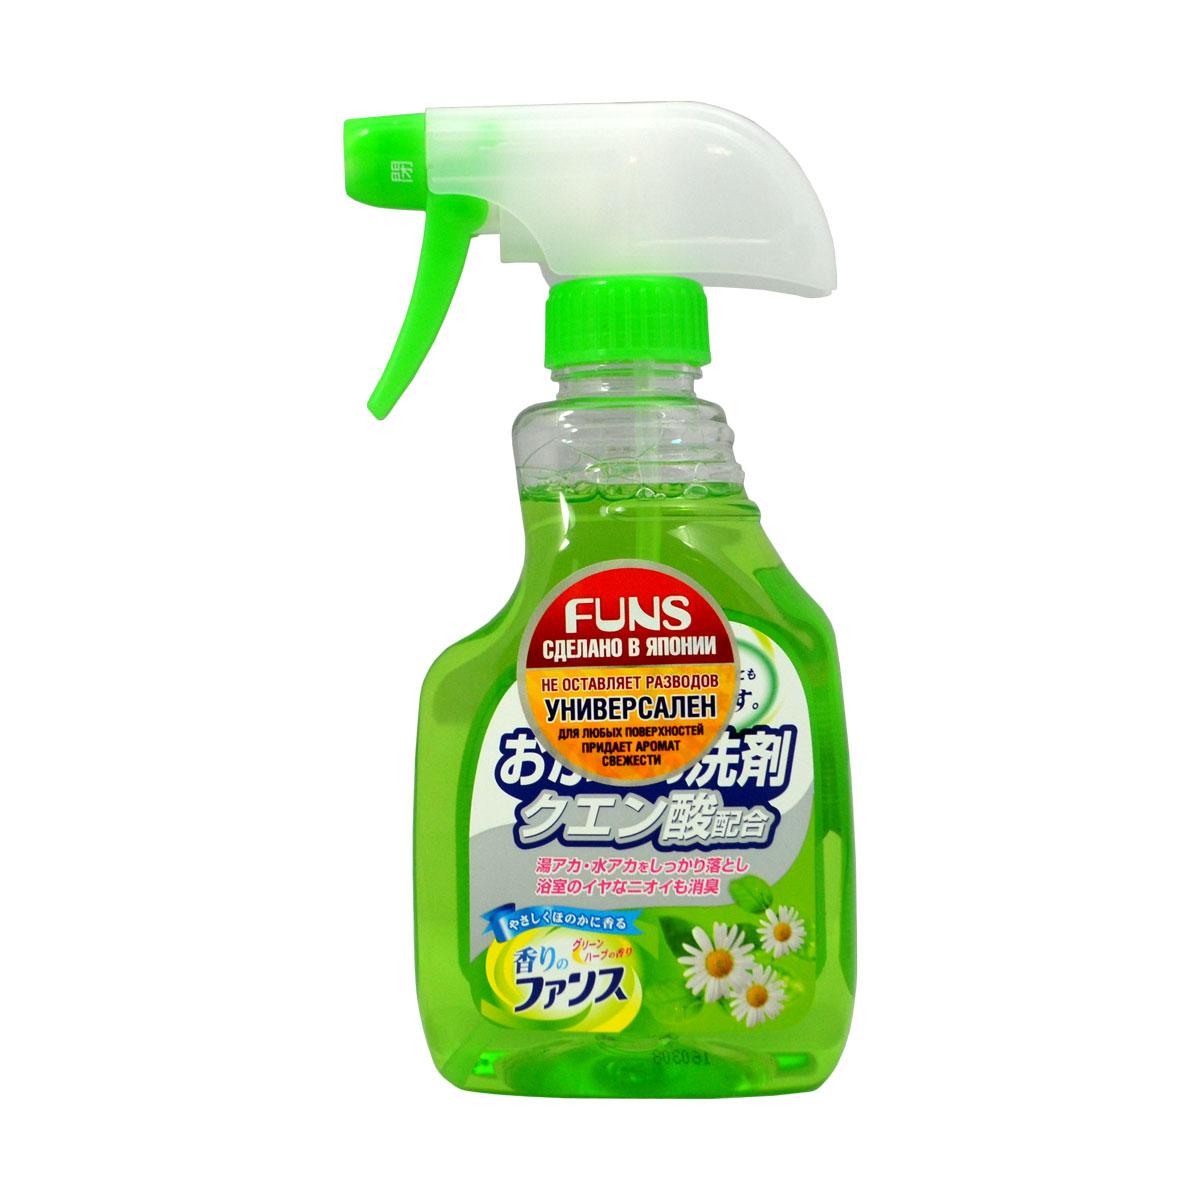 Спрей чистящий для ванной комнаты Funs, с ароматом свежей зелени, 400 мл7517Чистящее средство применяется для мытья ванн, душевых кабин, раковин, полов и стен ванных комнат.Полностью уничтожает неприятные запахи, а лимонная кислота, входящая в состав моющего средства, эффективно устраняет известковый налет.Прекрасно подходит для пластиковых, стеклянных и акриловых поверхностей.Изготовлено из растительного сырья с использованием натурального экстракта свежей зелени.Способ применения: поверните носик распылителя в любую сторону на пол оборота.Загрязнённое место намочите водой и обработайте моющим средством либо непосредственно, либо с помощью губки.Затем смойте водой.В случае сильного загрязнения эффект наступает после 2-3 минут обработки.После применения средства пена быстро спадает и легко смывается, оставляя легкий аромат свежей зелени.Норма расхода: 9 нажатий на 1 кв.м.